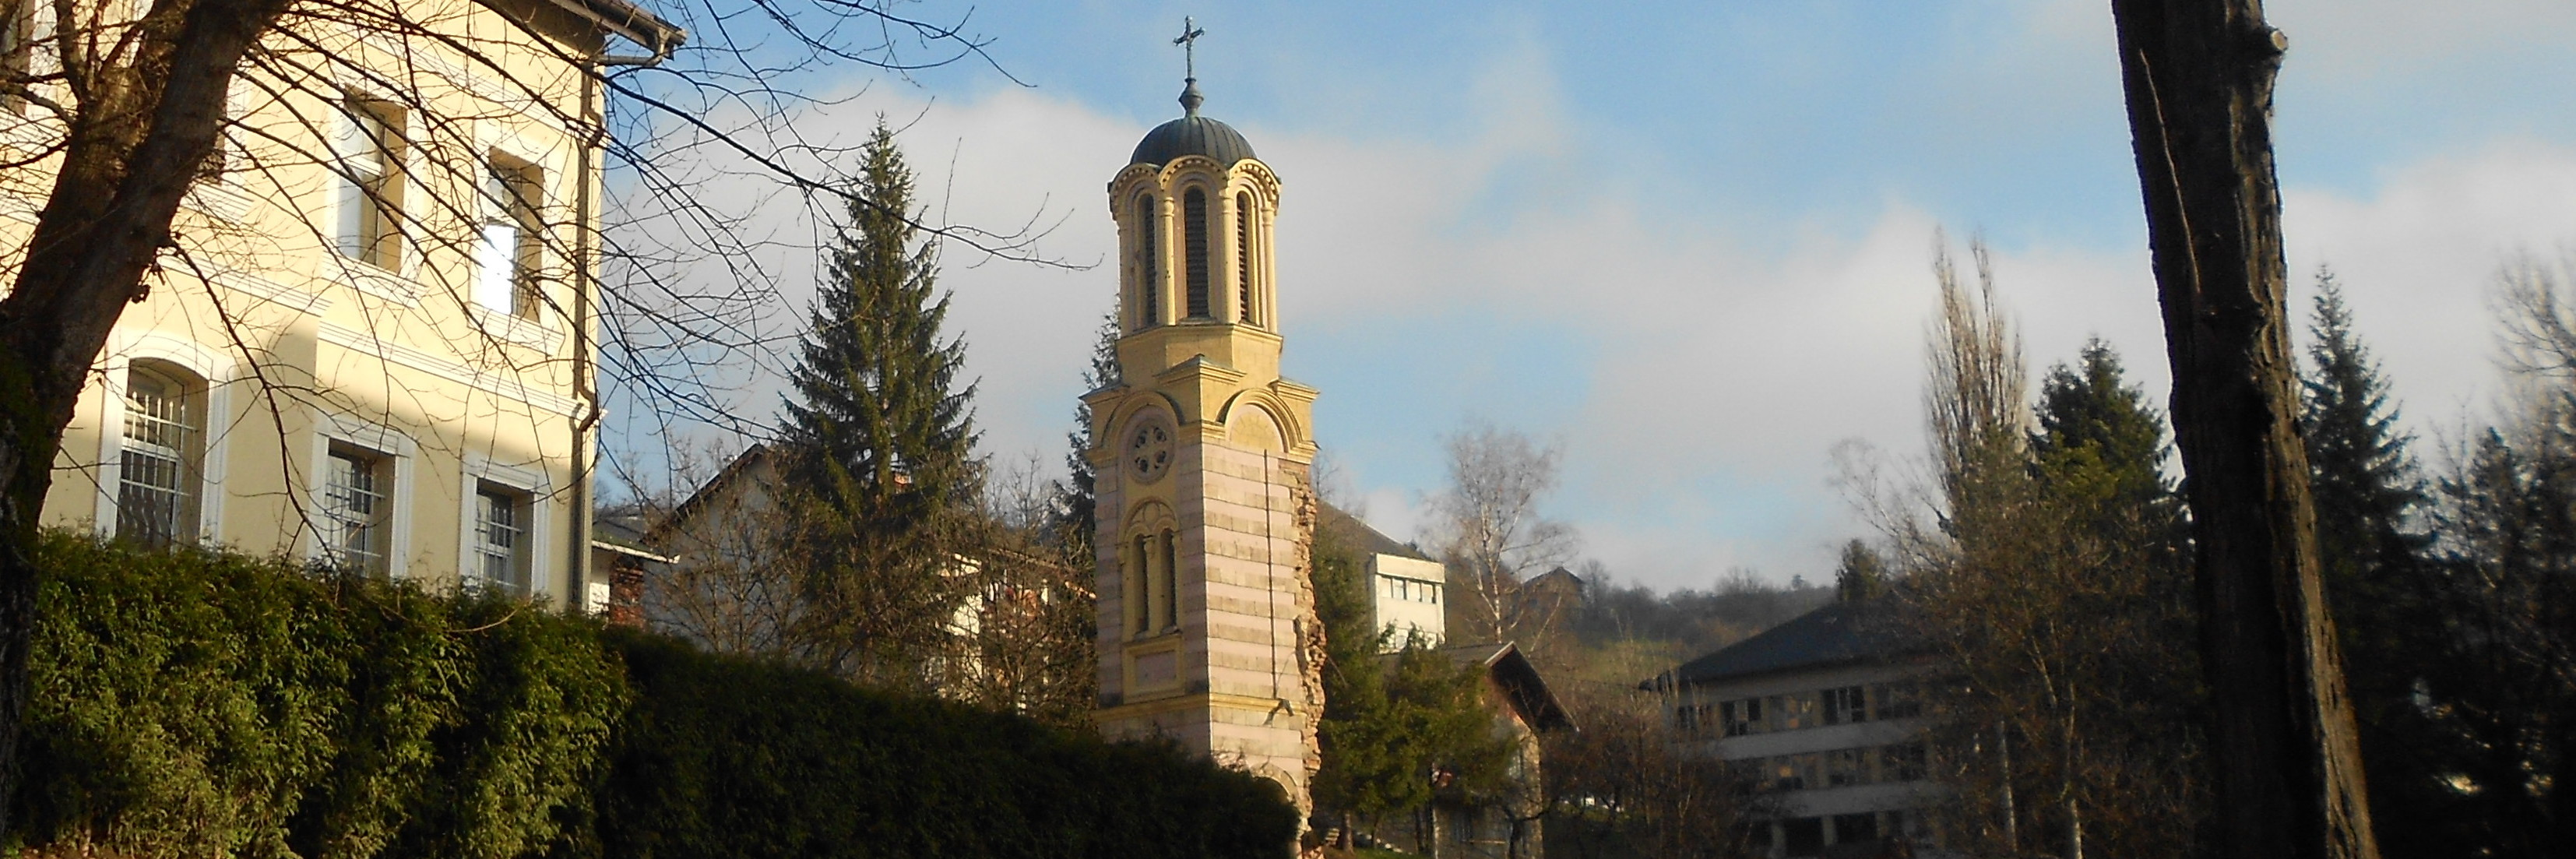 Церковь Пресвятой Богородицы в Яйце. Фото: Елена Арсениевич, CC BY-SA 3.0